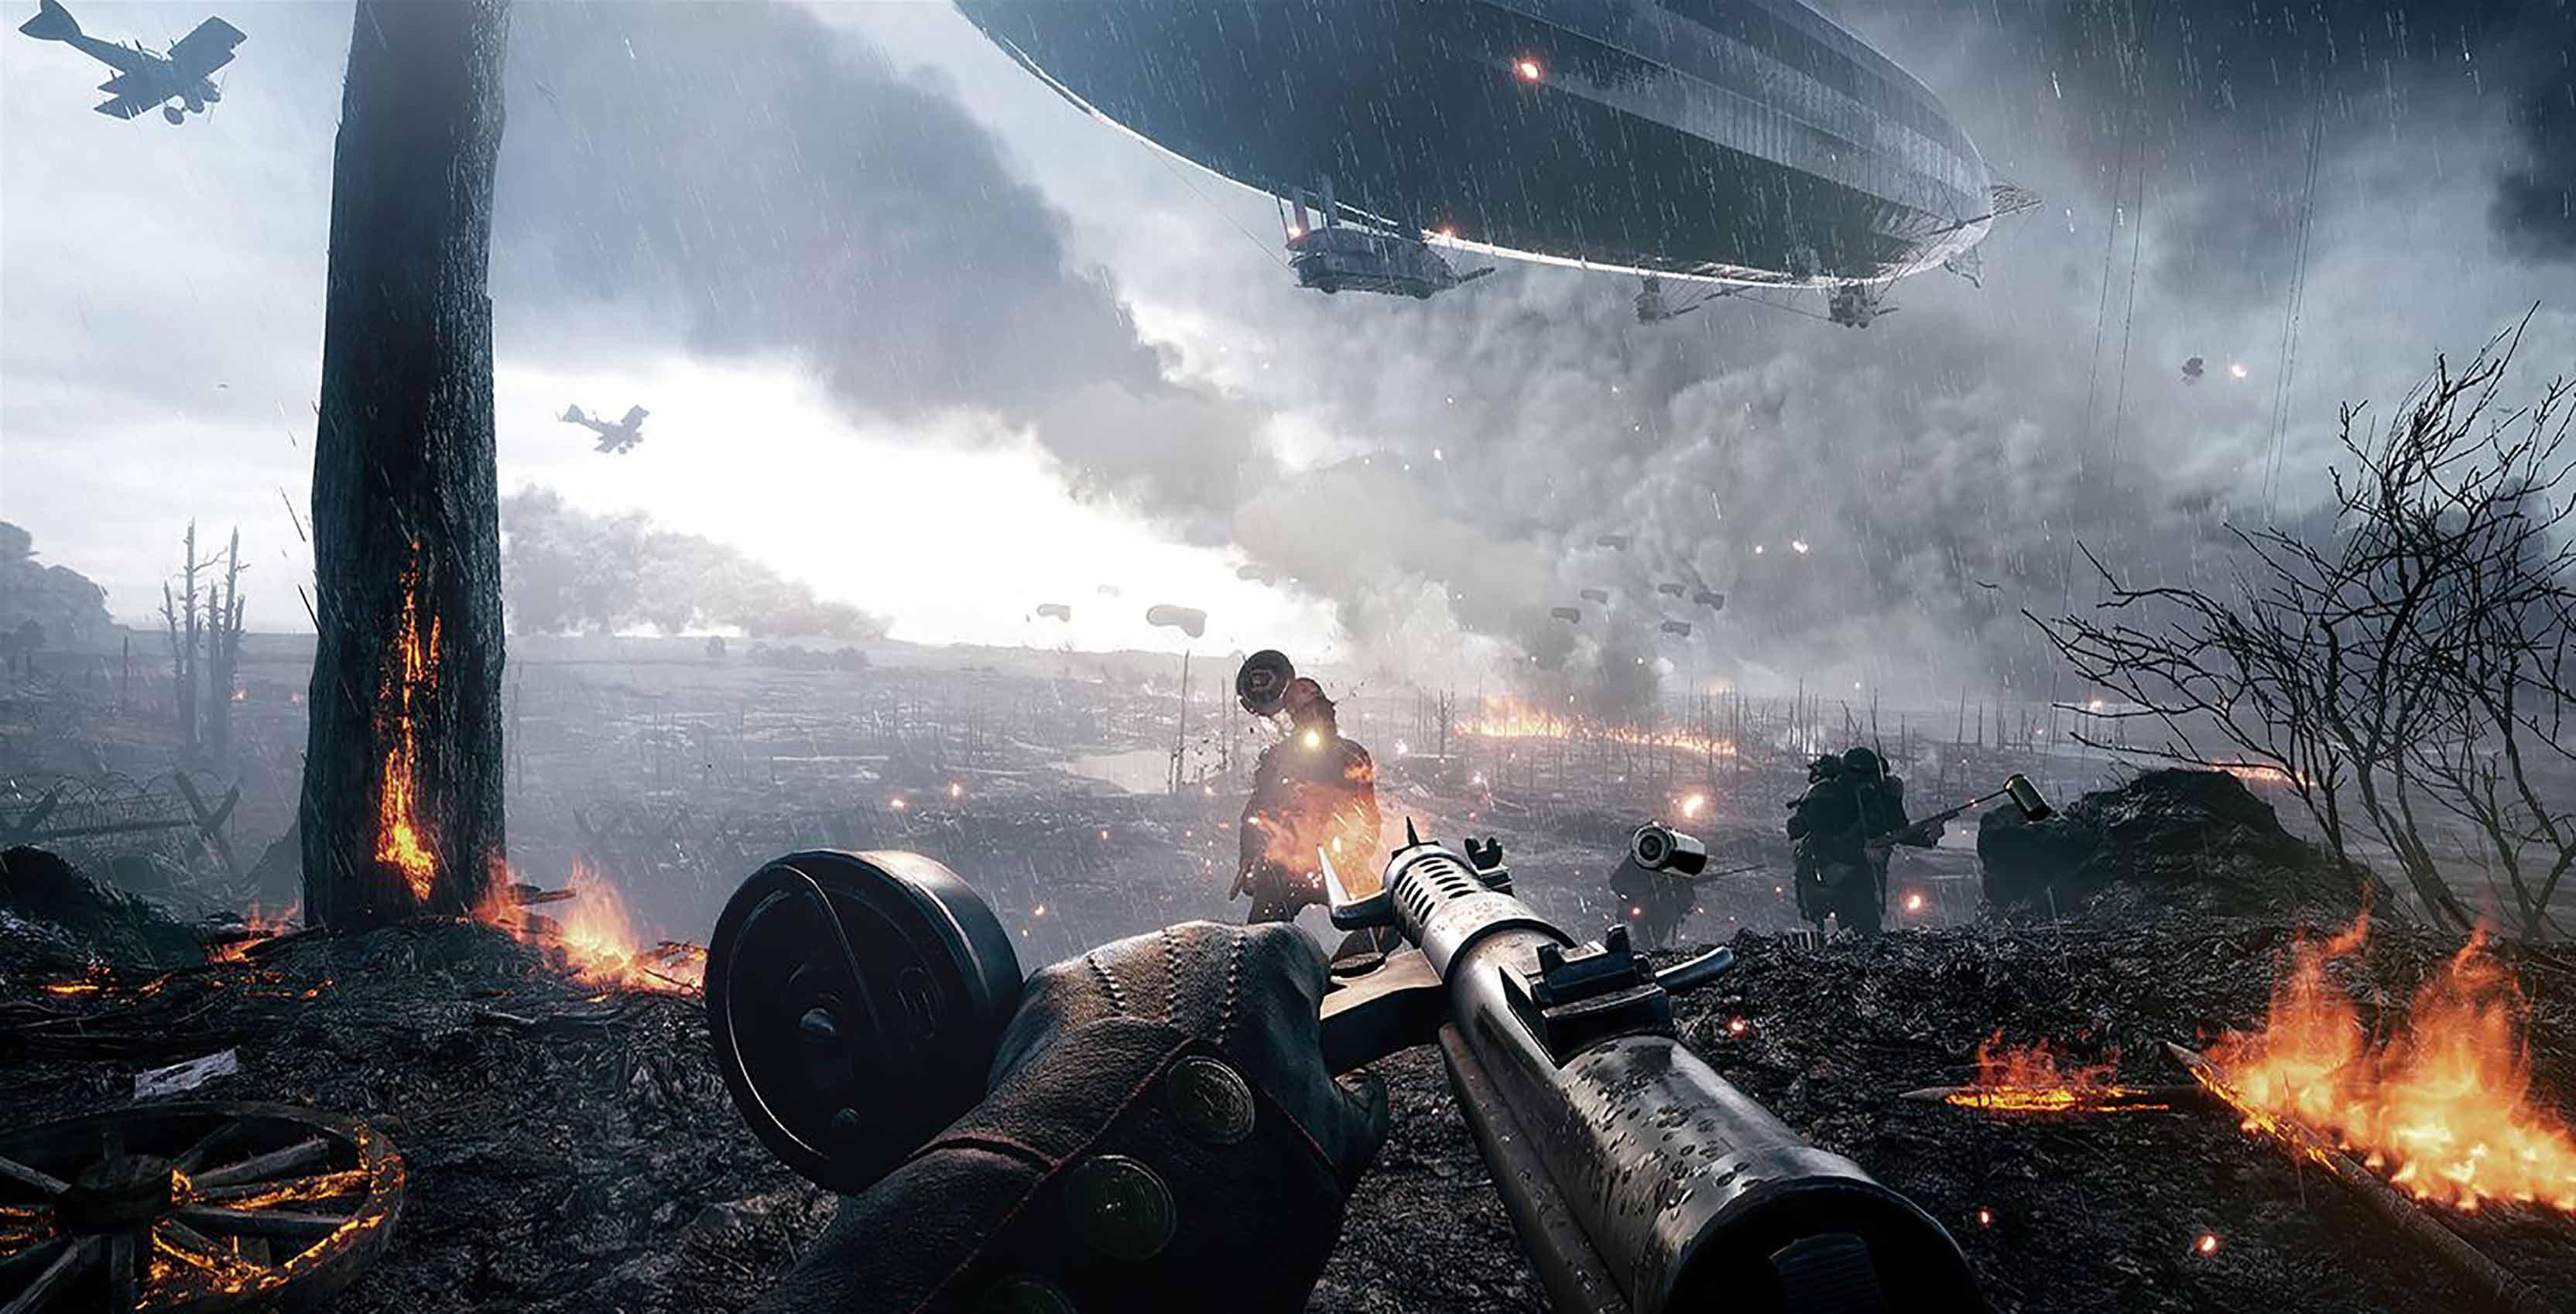 Battlefield 1 combat